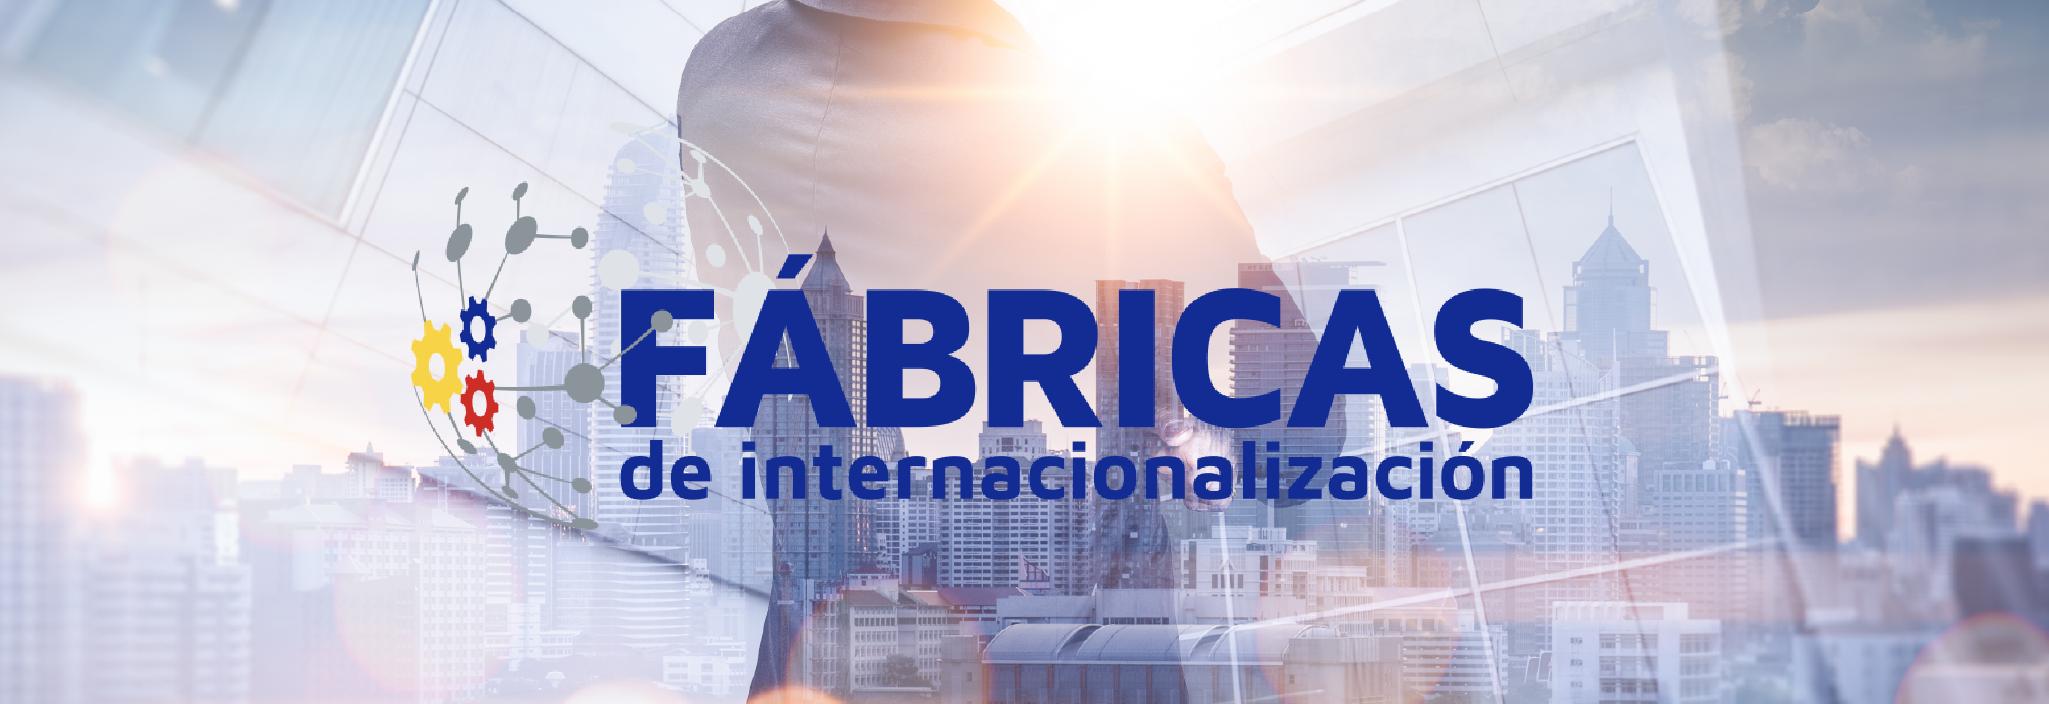 FÁBRICAS DE INTERNACIONALIZACIÓN